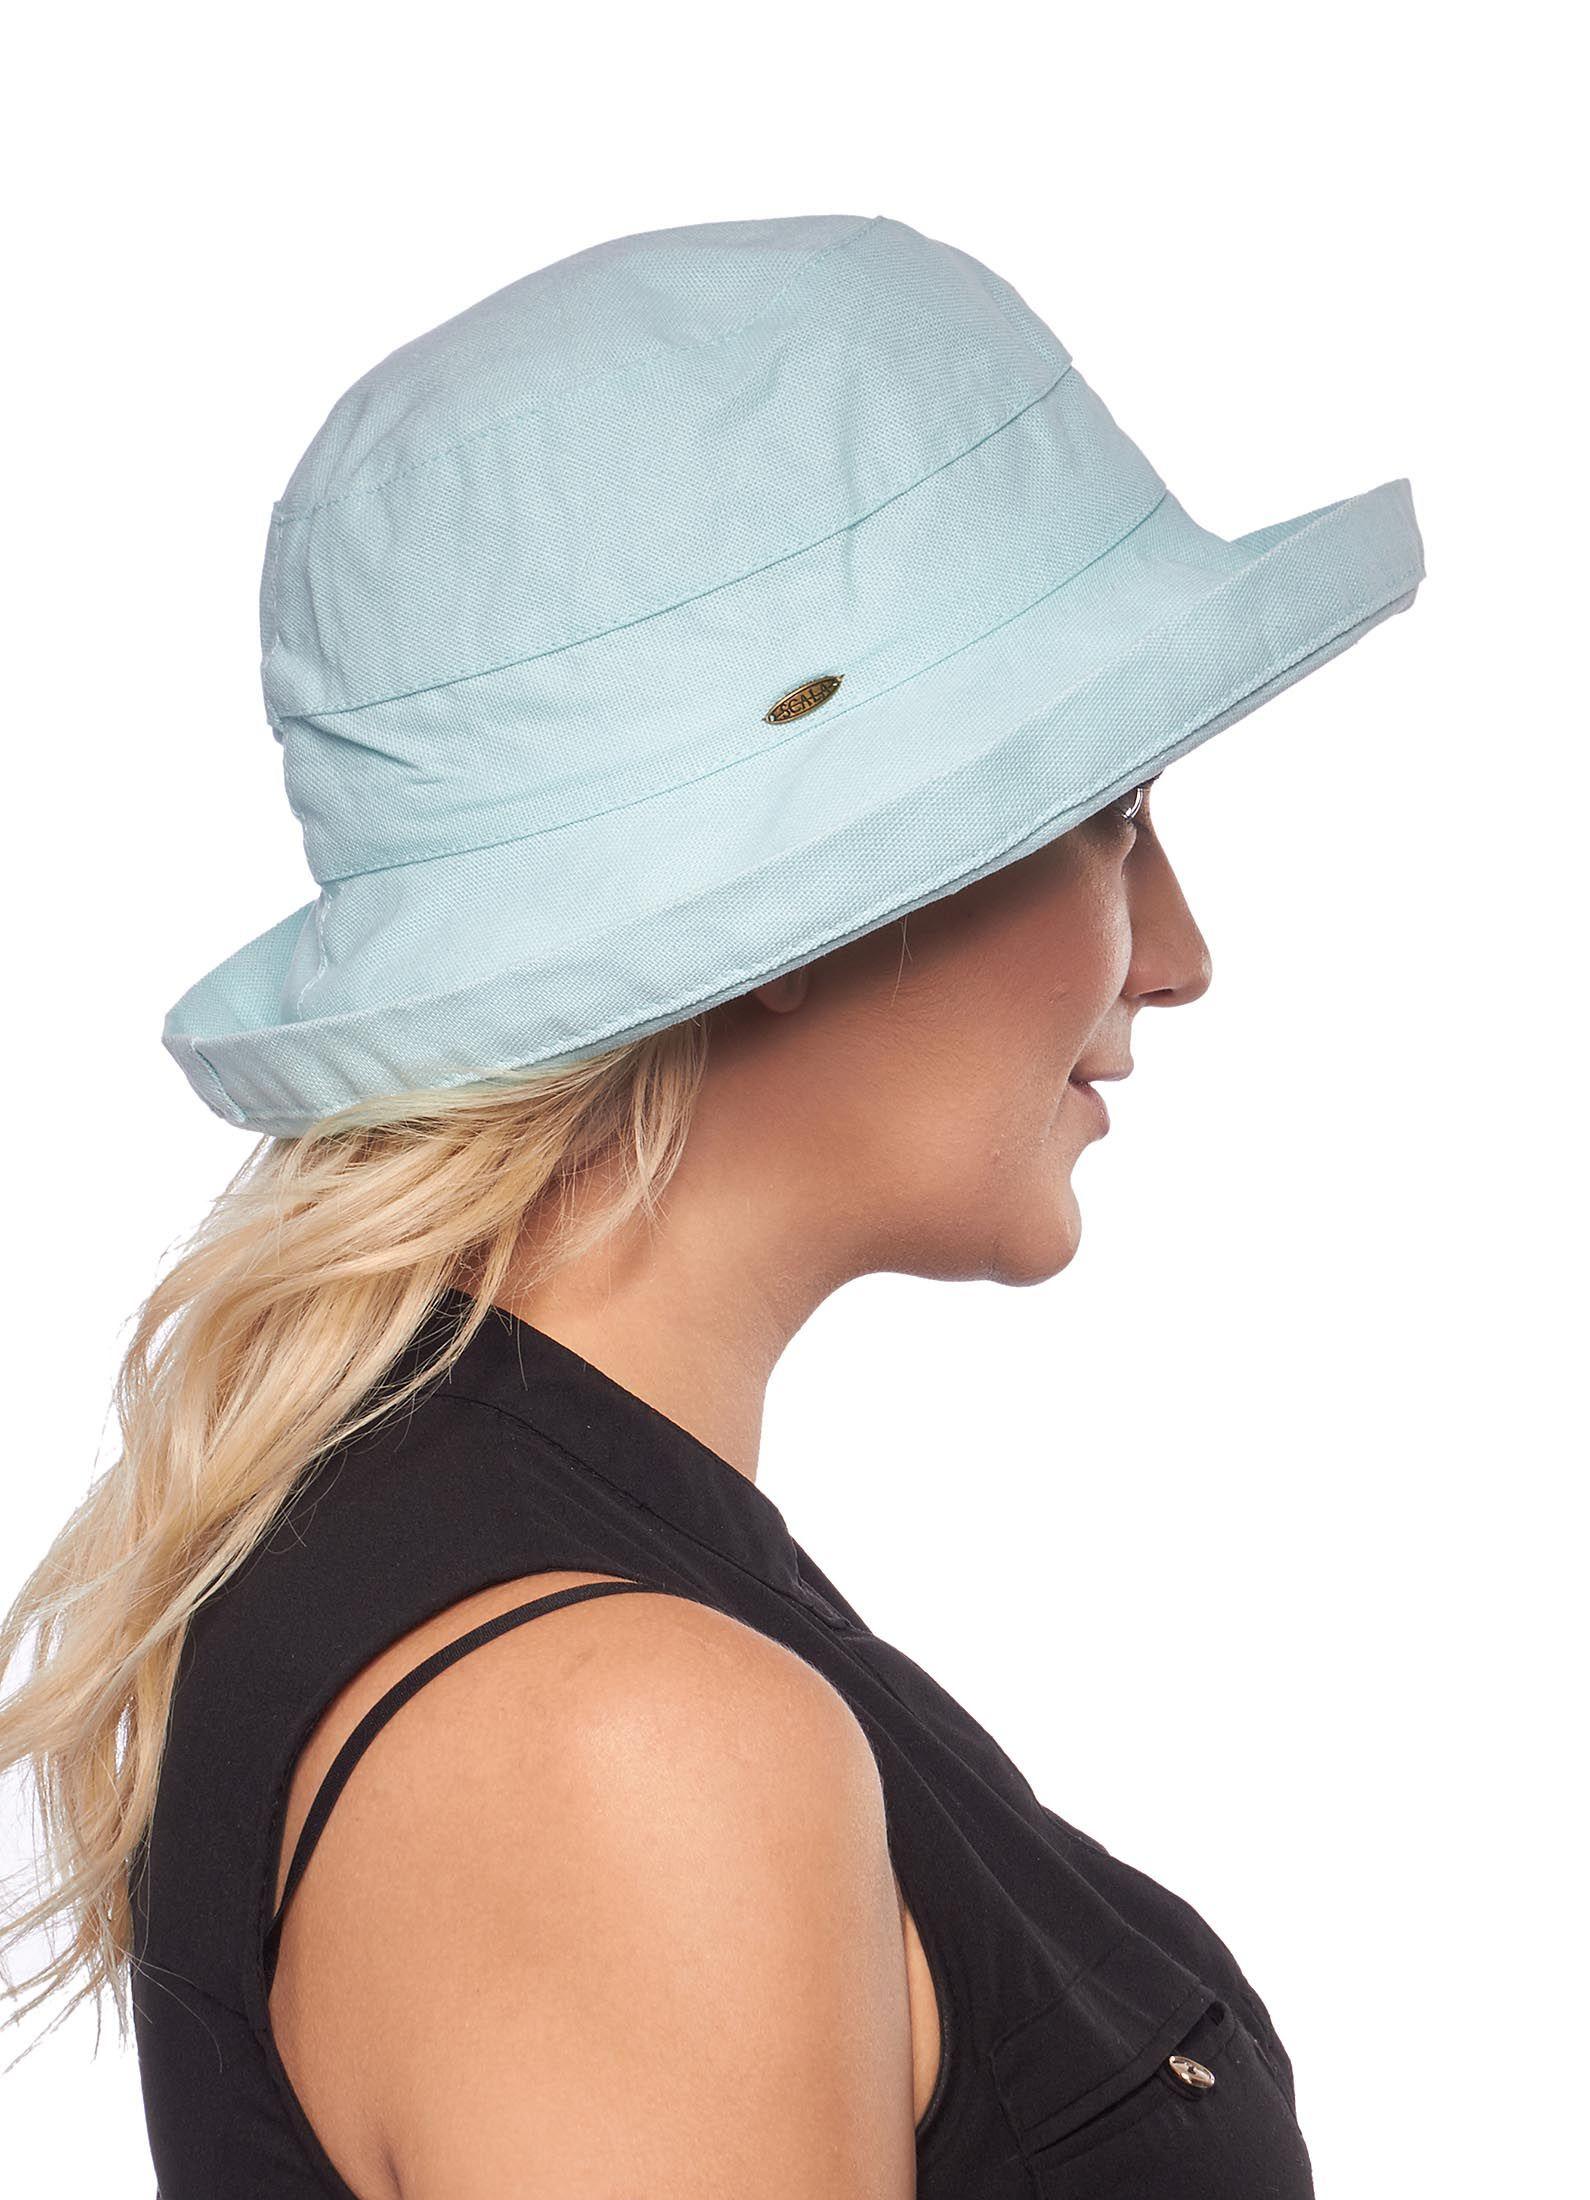 e90121c66 Greatlookz-Cozumel-Medium-Brim-Scala-Cotton-Sun-Hat-for-Ladies ...